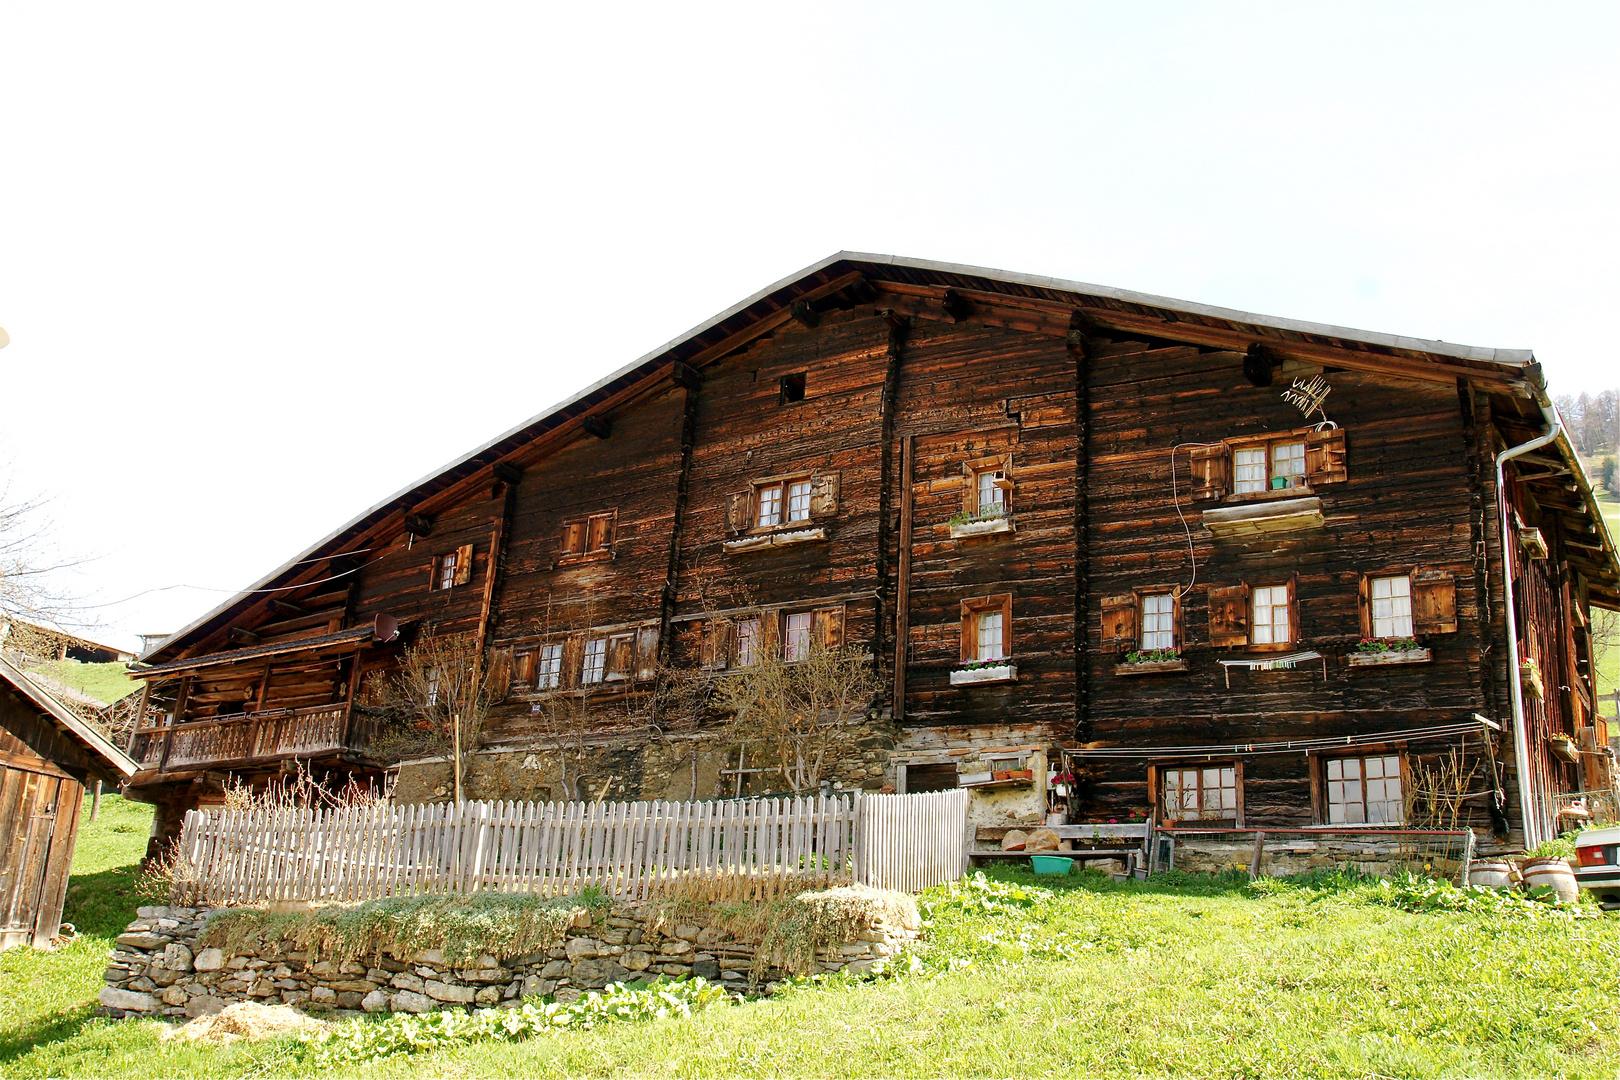 Drei Generationen Haus Foto & Bild